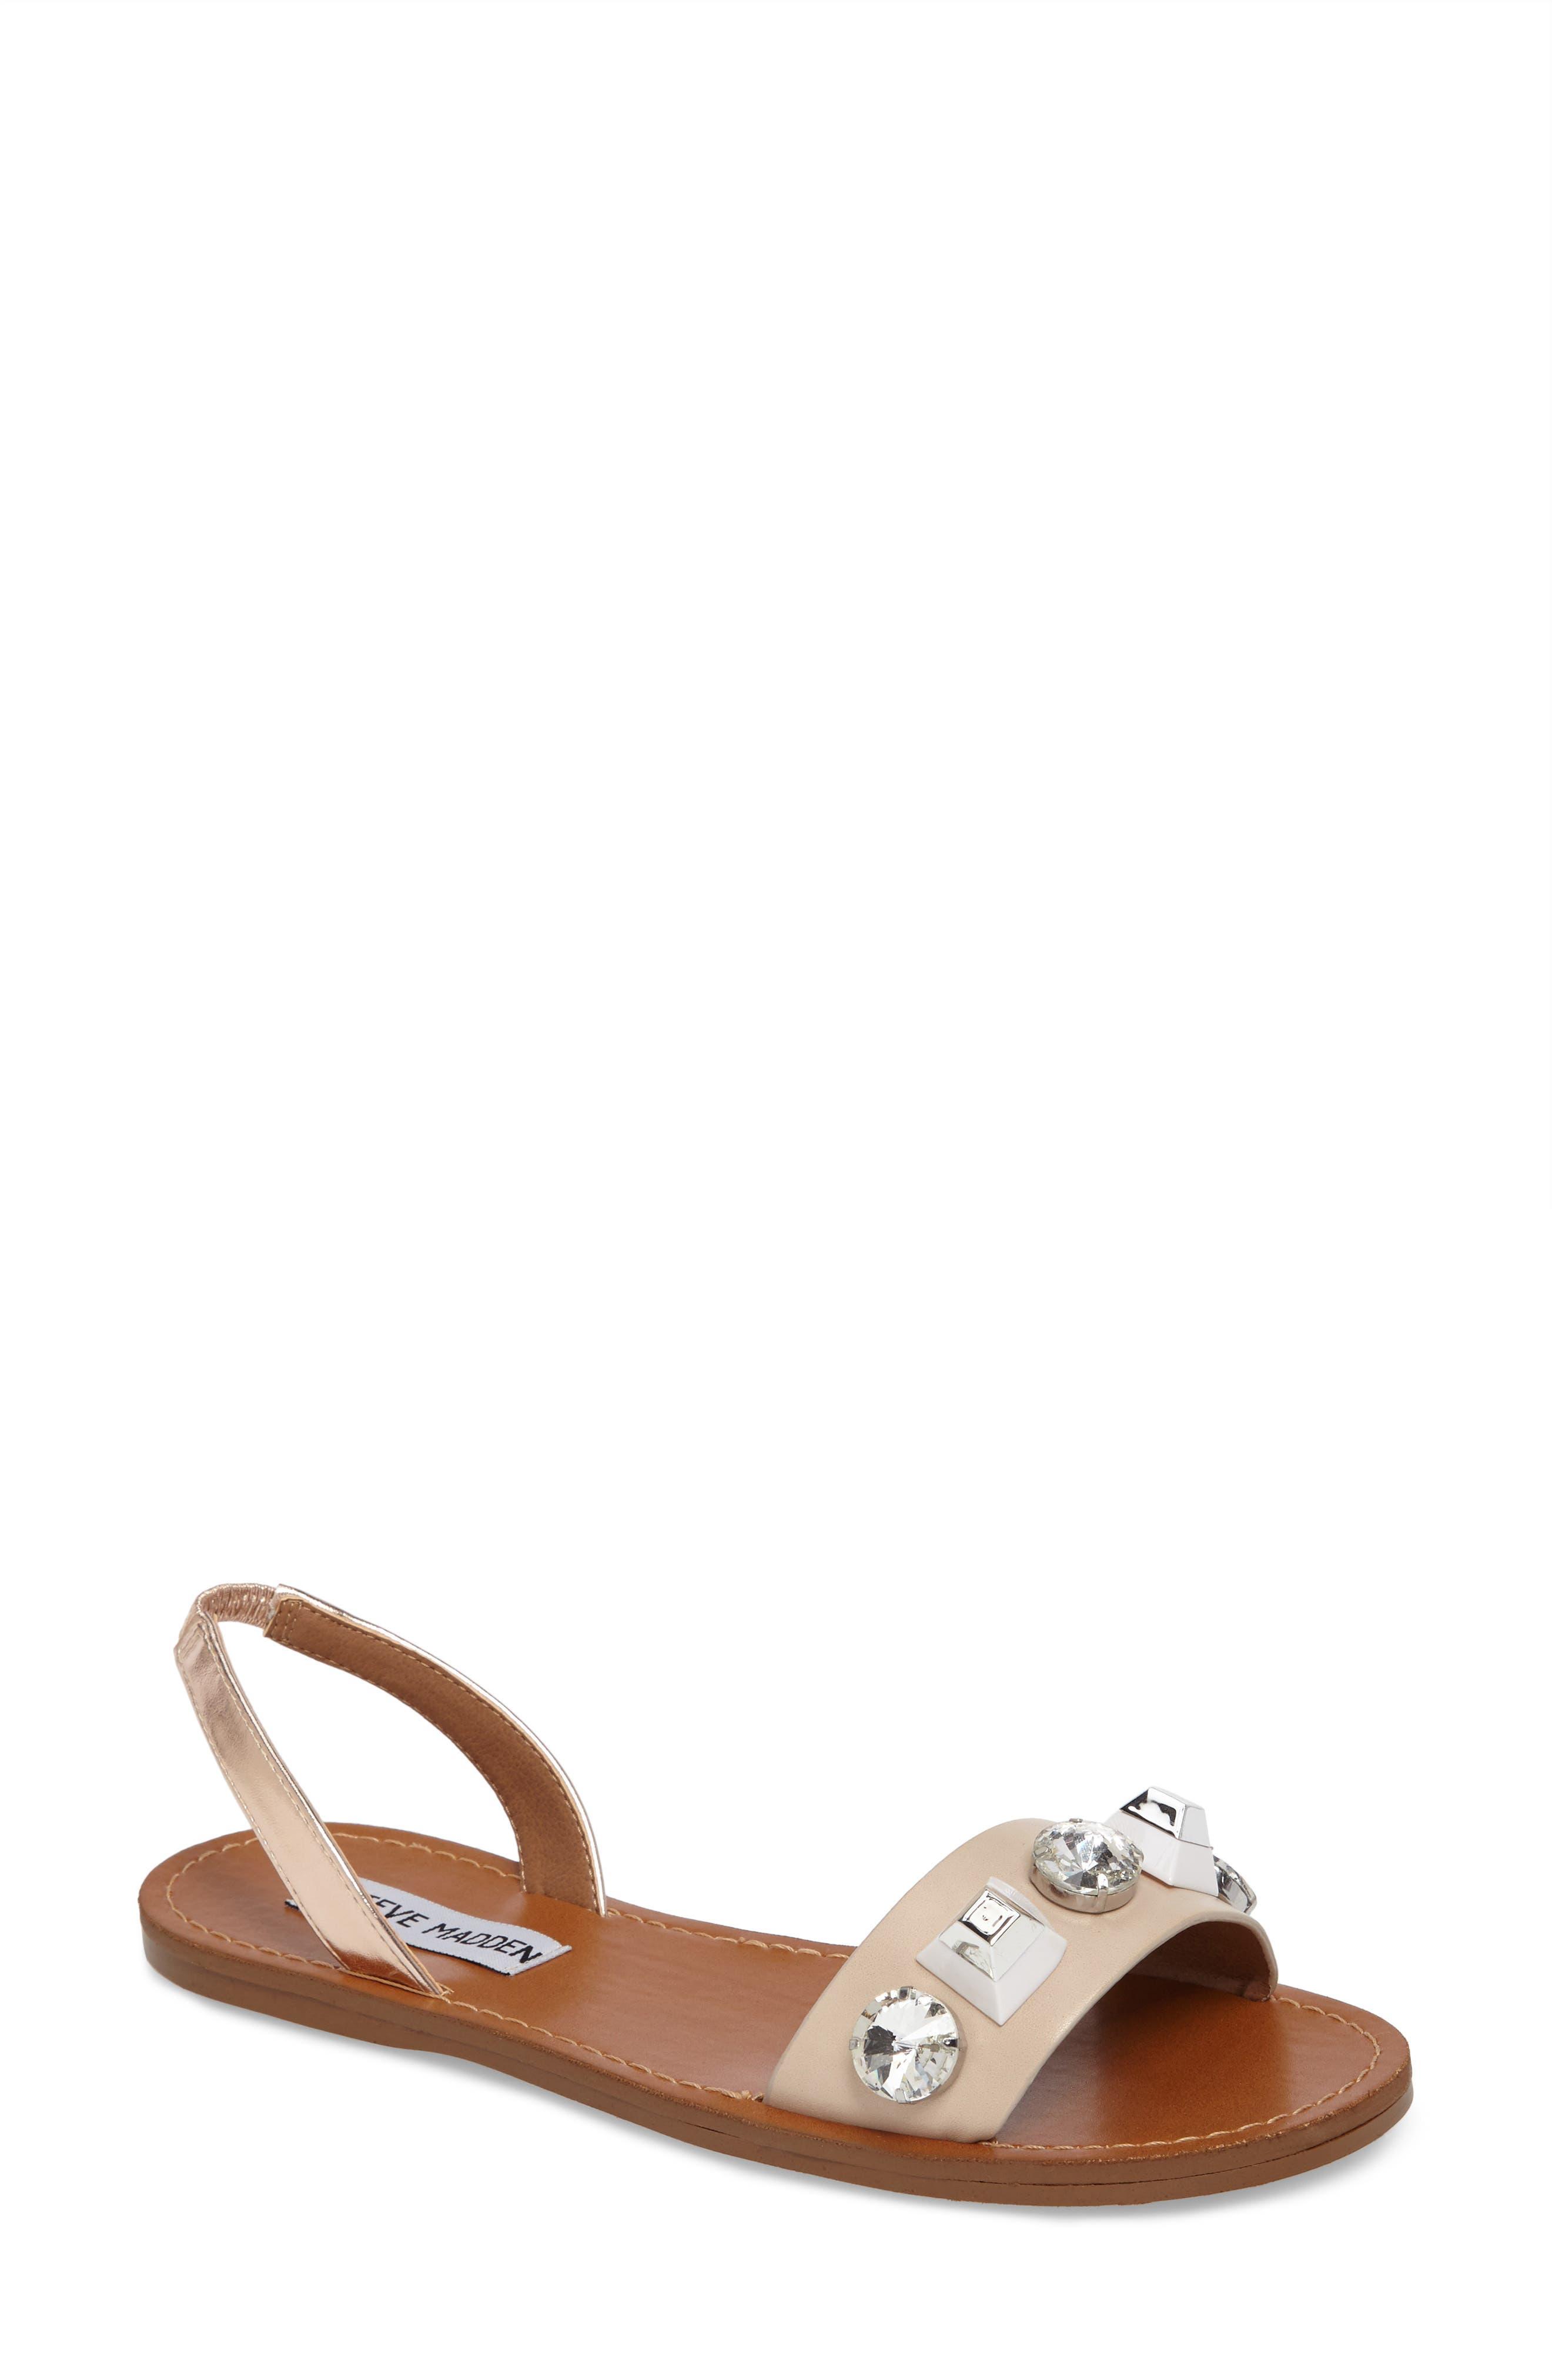 STEVE MADDEN Ameline Embellished Flat Sandal